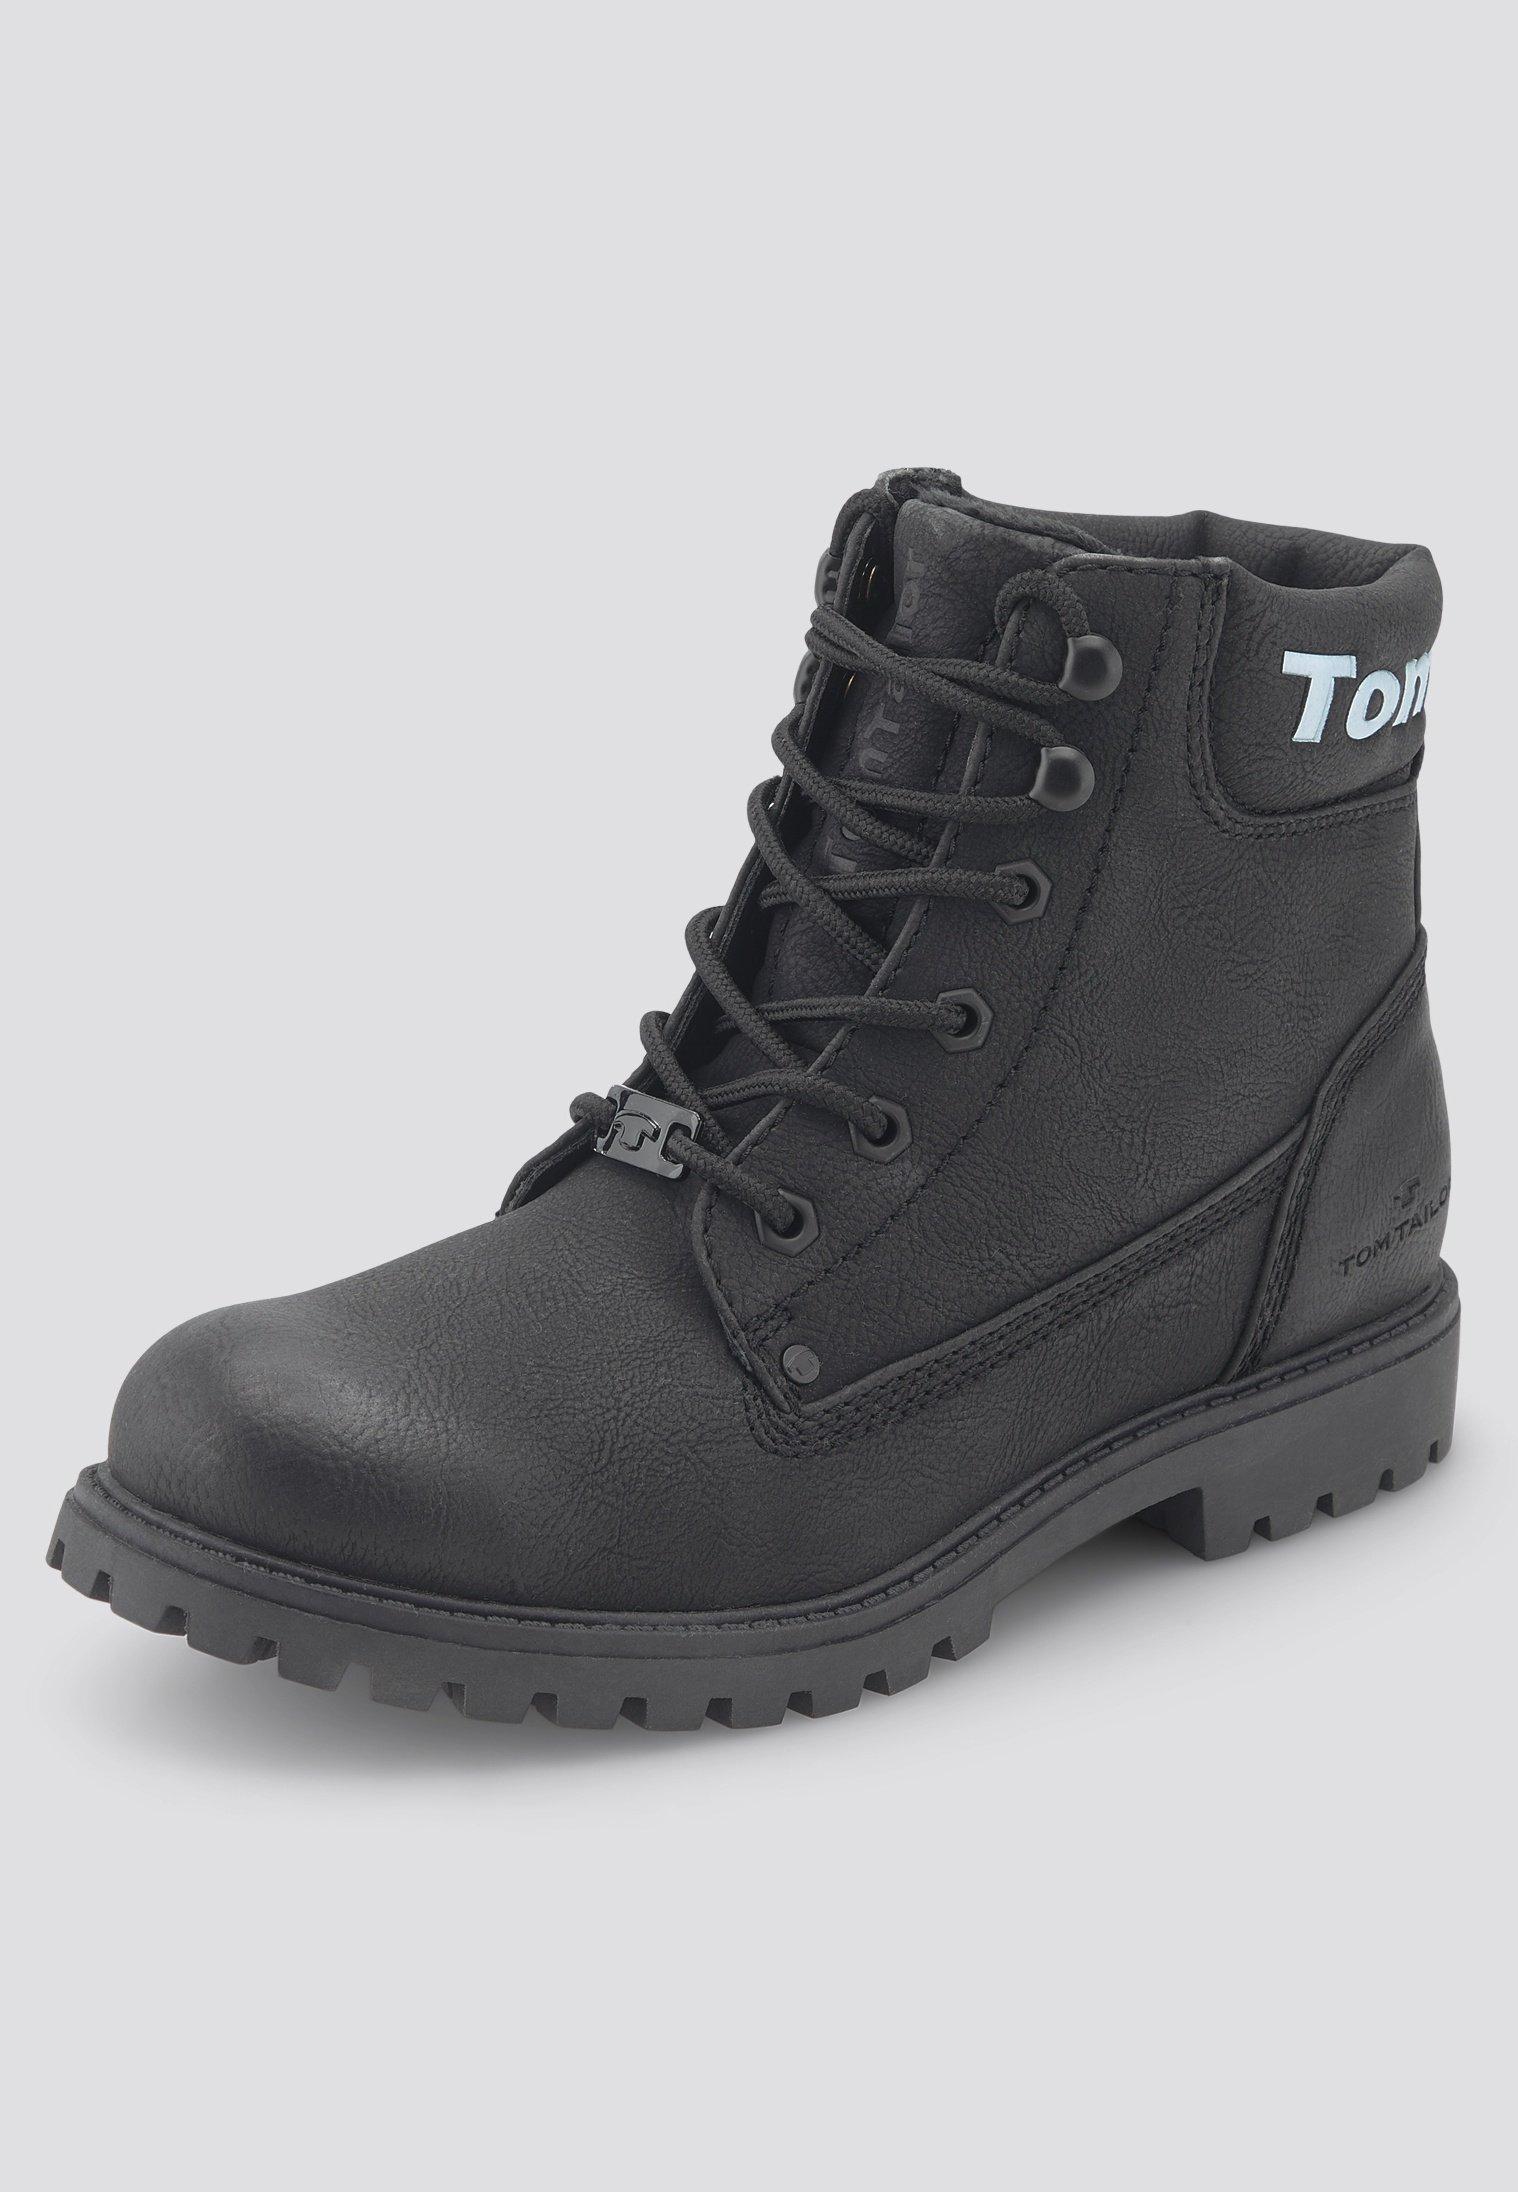 TOM TAILOR Snowboot/Winterstiefel black/schwarz